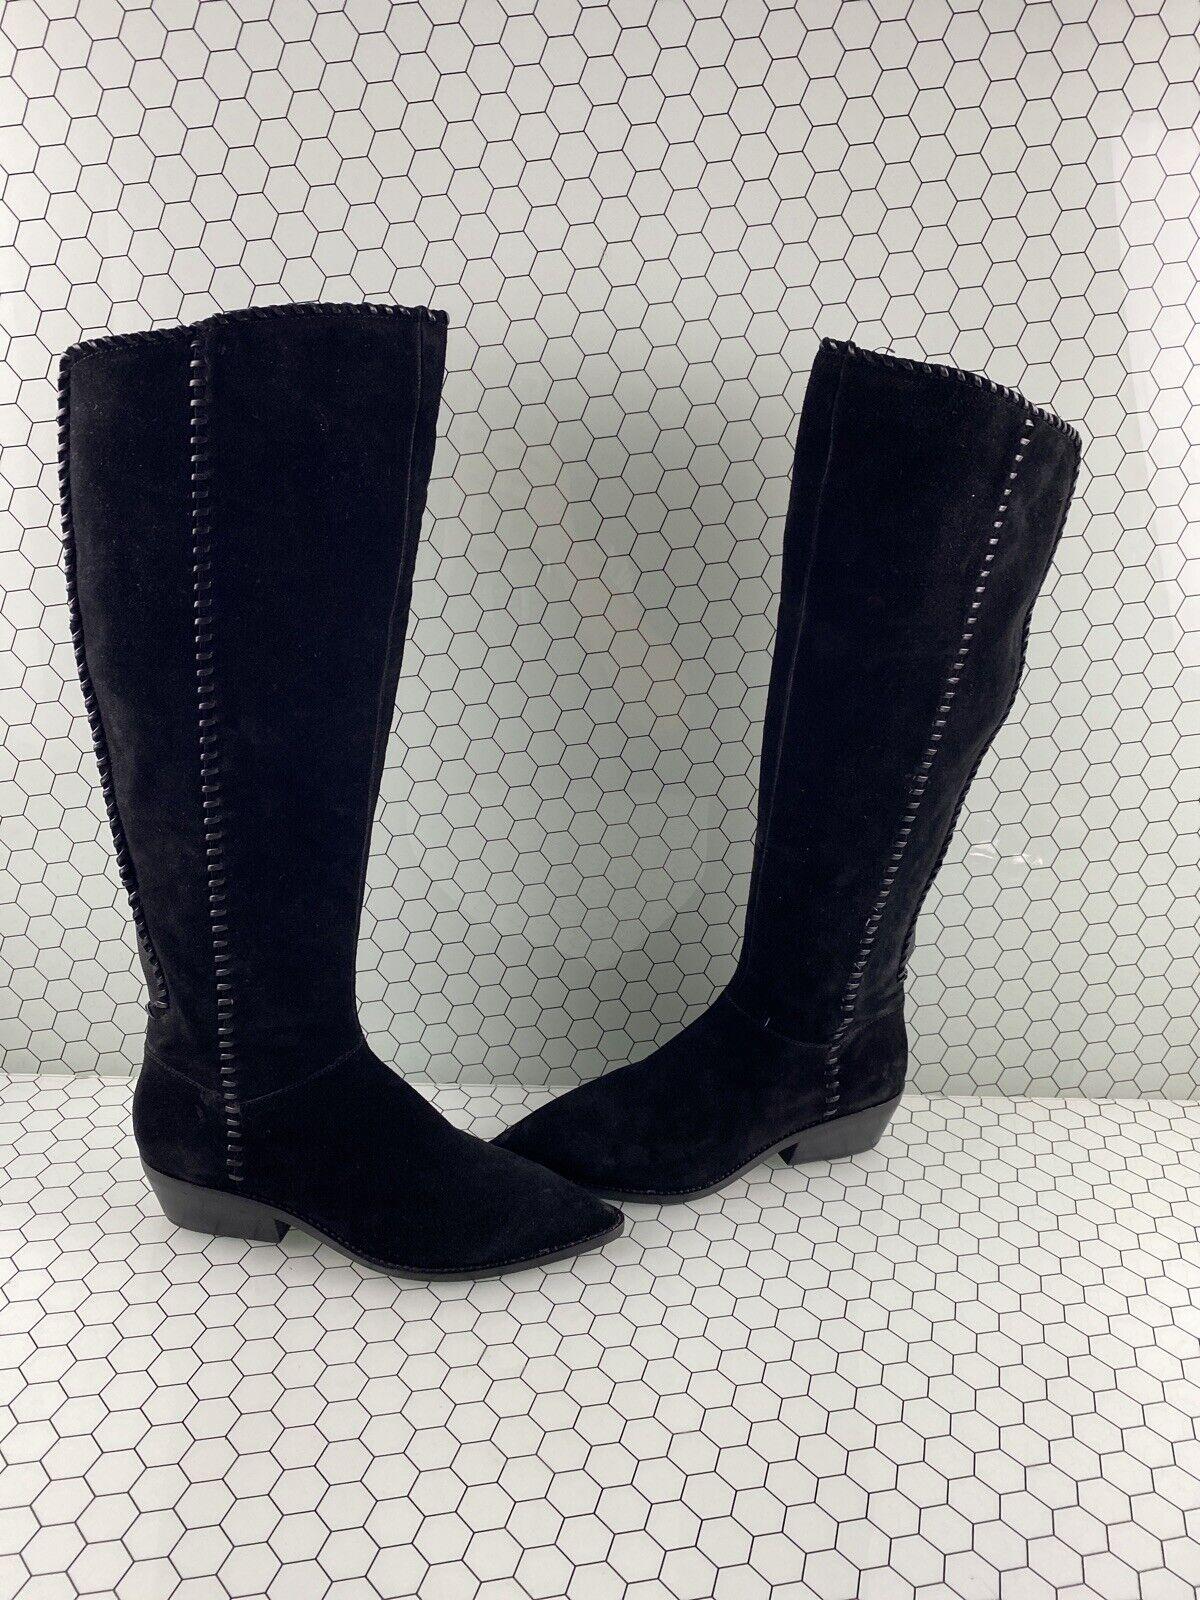 1. ÉTAT sage en Daim Noir Bout Pointu Fermeture Éclair Latérale Bottes Hautes Femme Taille 8.5 M